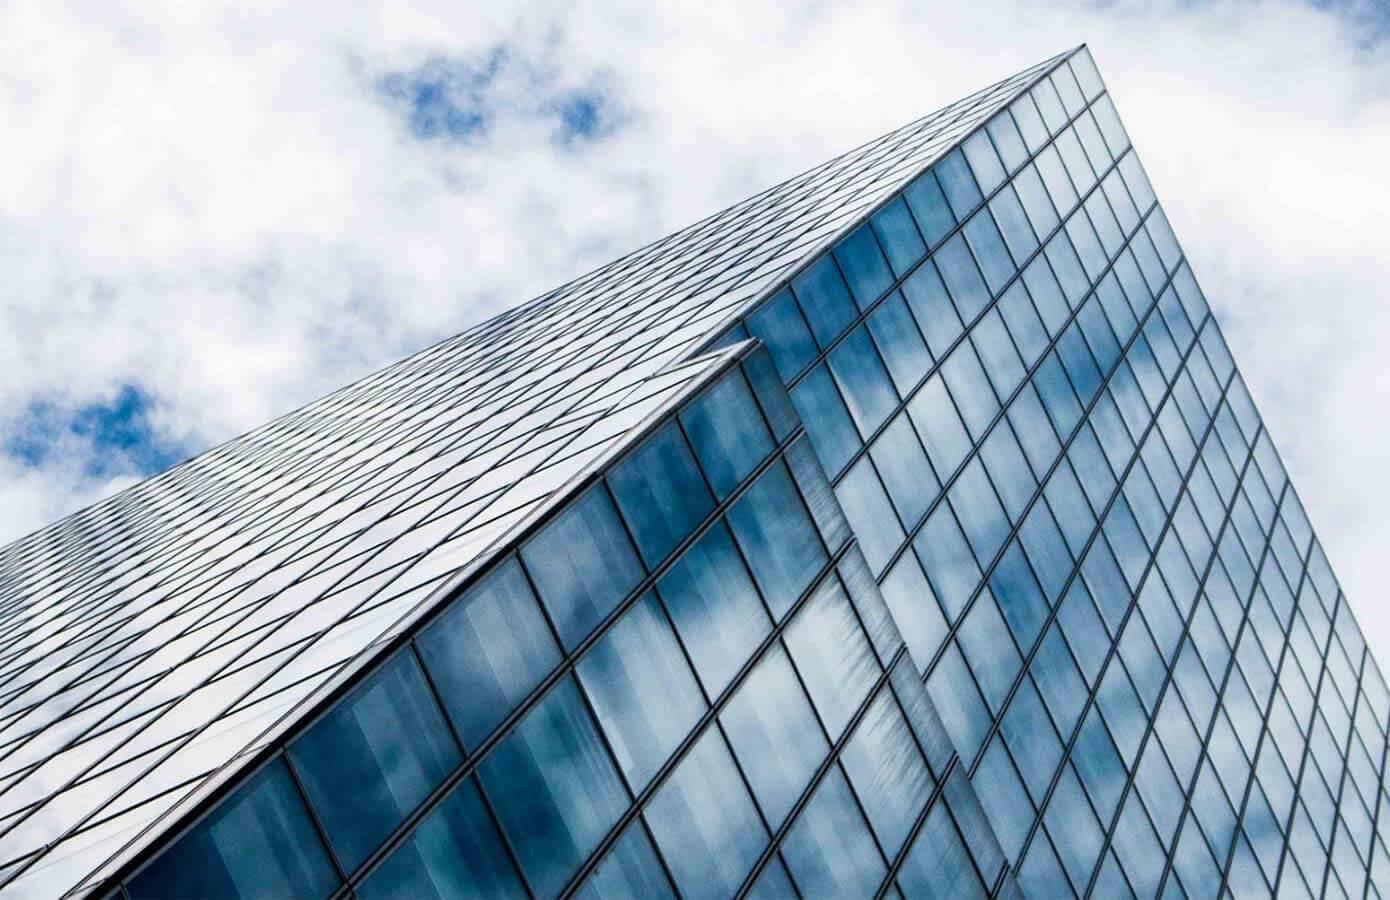 Le coin d'un immeuble de bureaux en verre du niveau de la rue